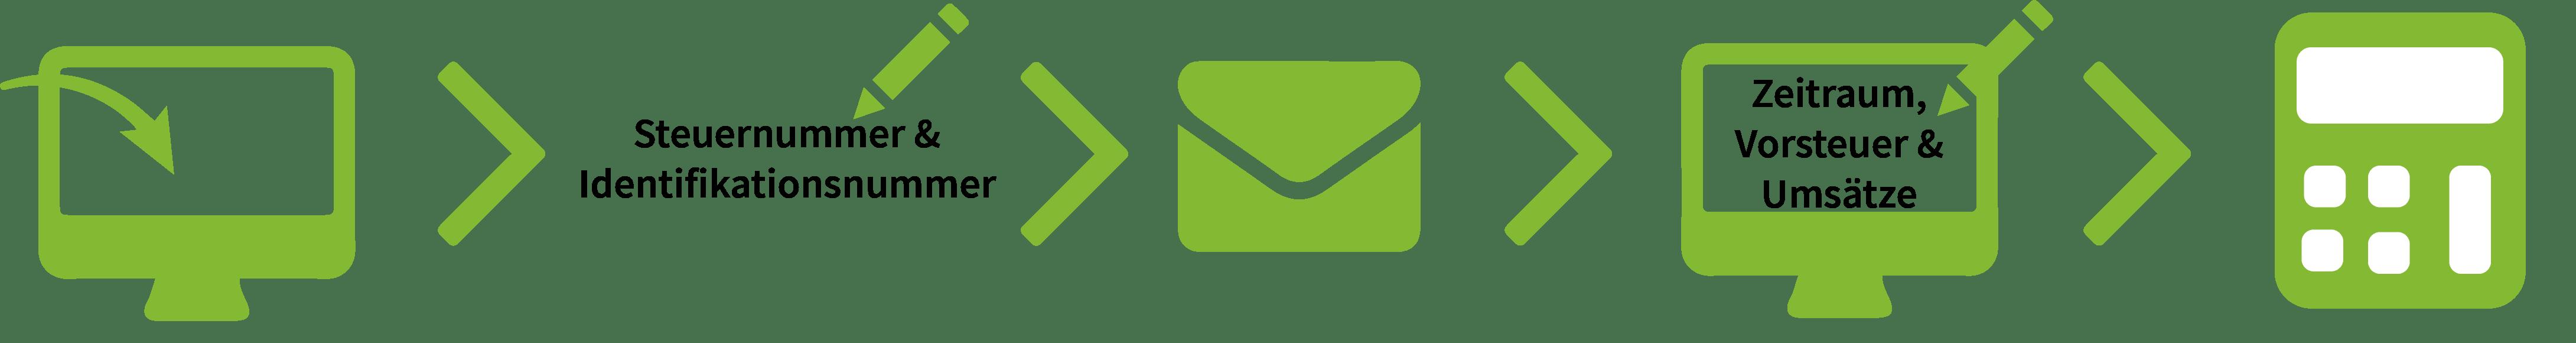 Ablauf der Funktionsweise der Umsatzsteuervoranmeldung